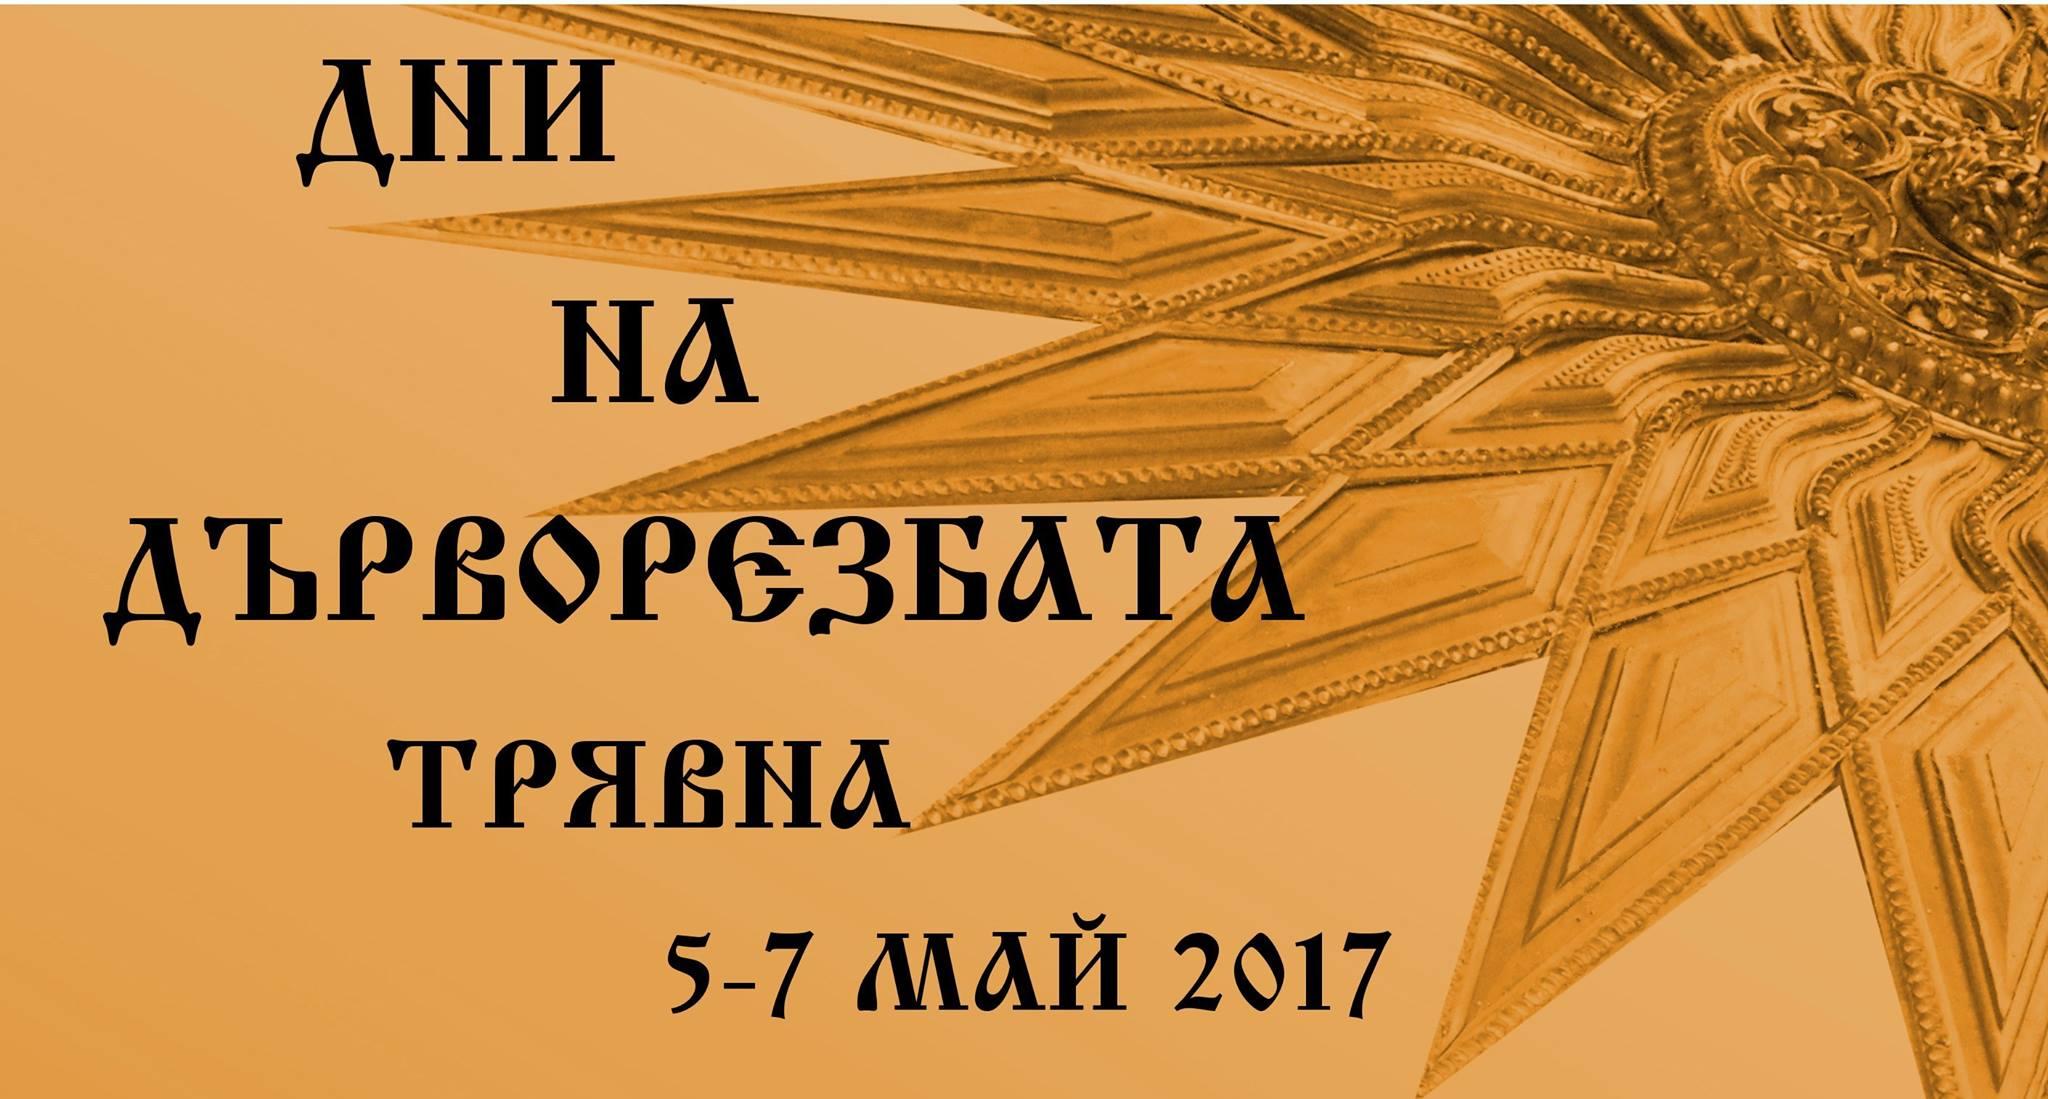 Дни на дърворезбата в Трявна 2017